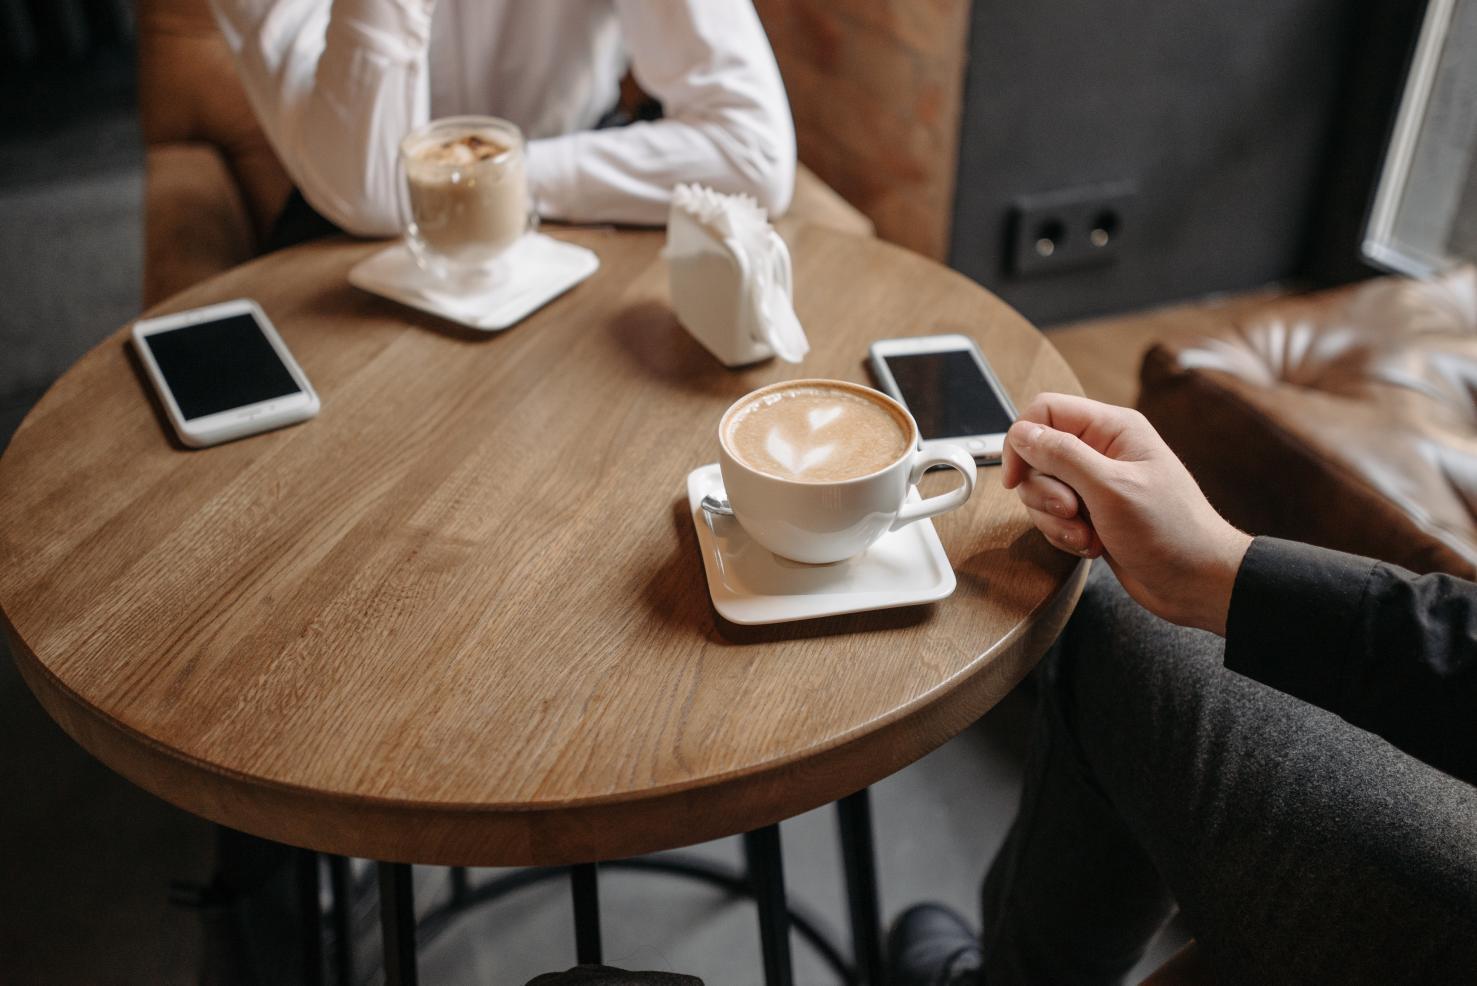 Café causa mau hálito?